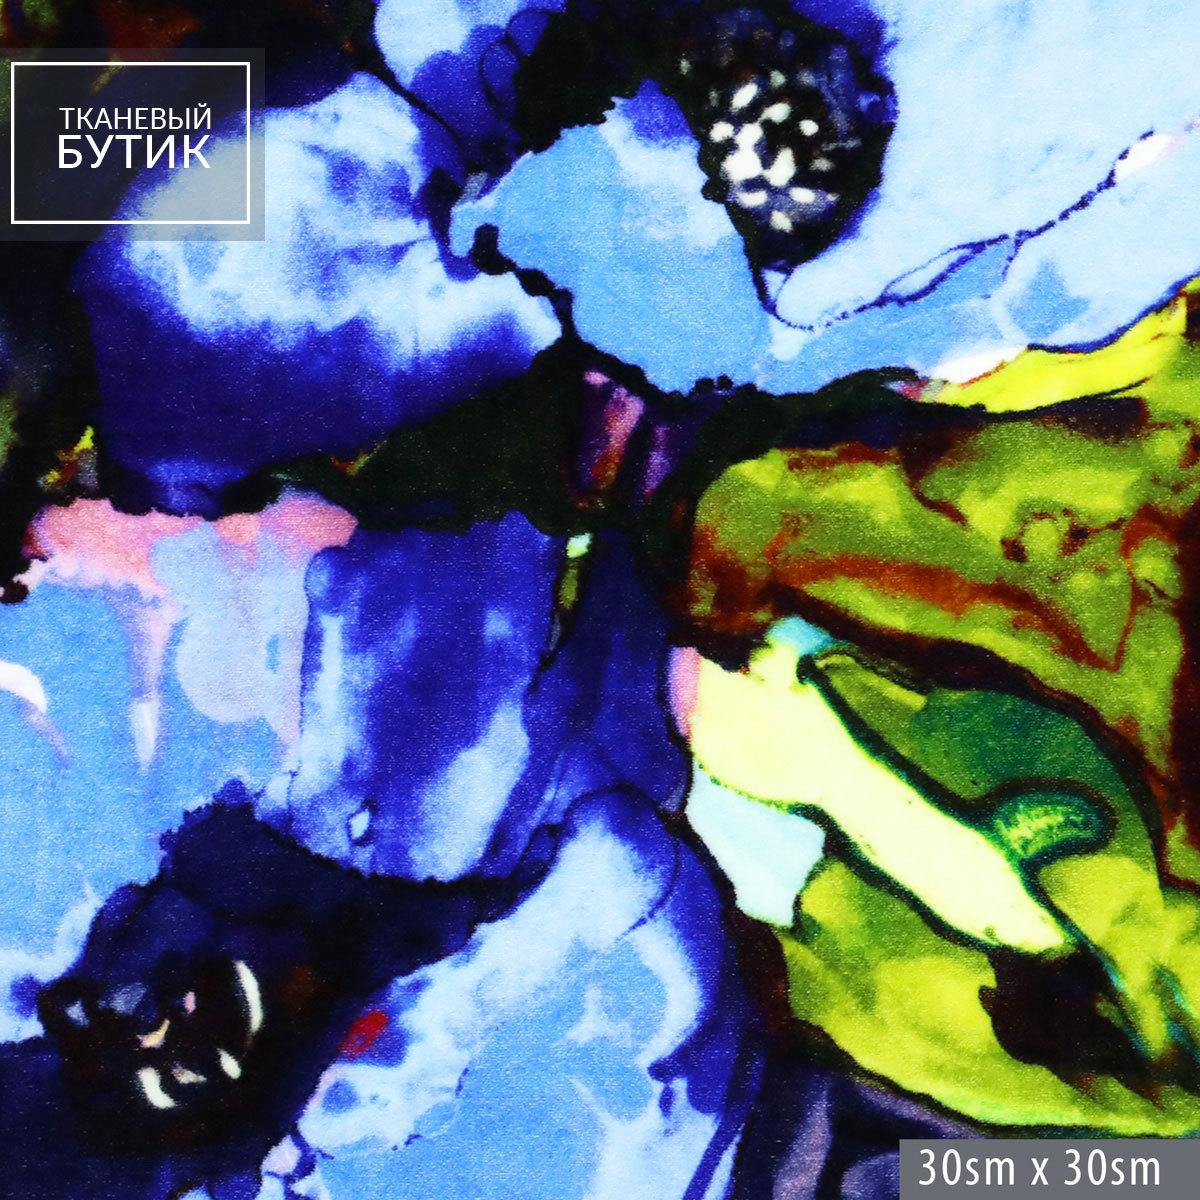 Вискозно-шелковый бархат с синими цветами